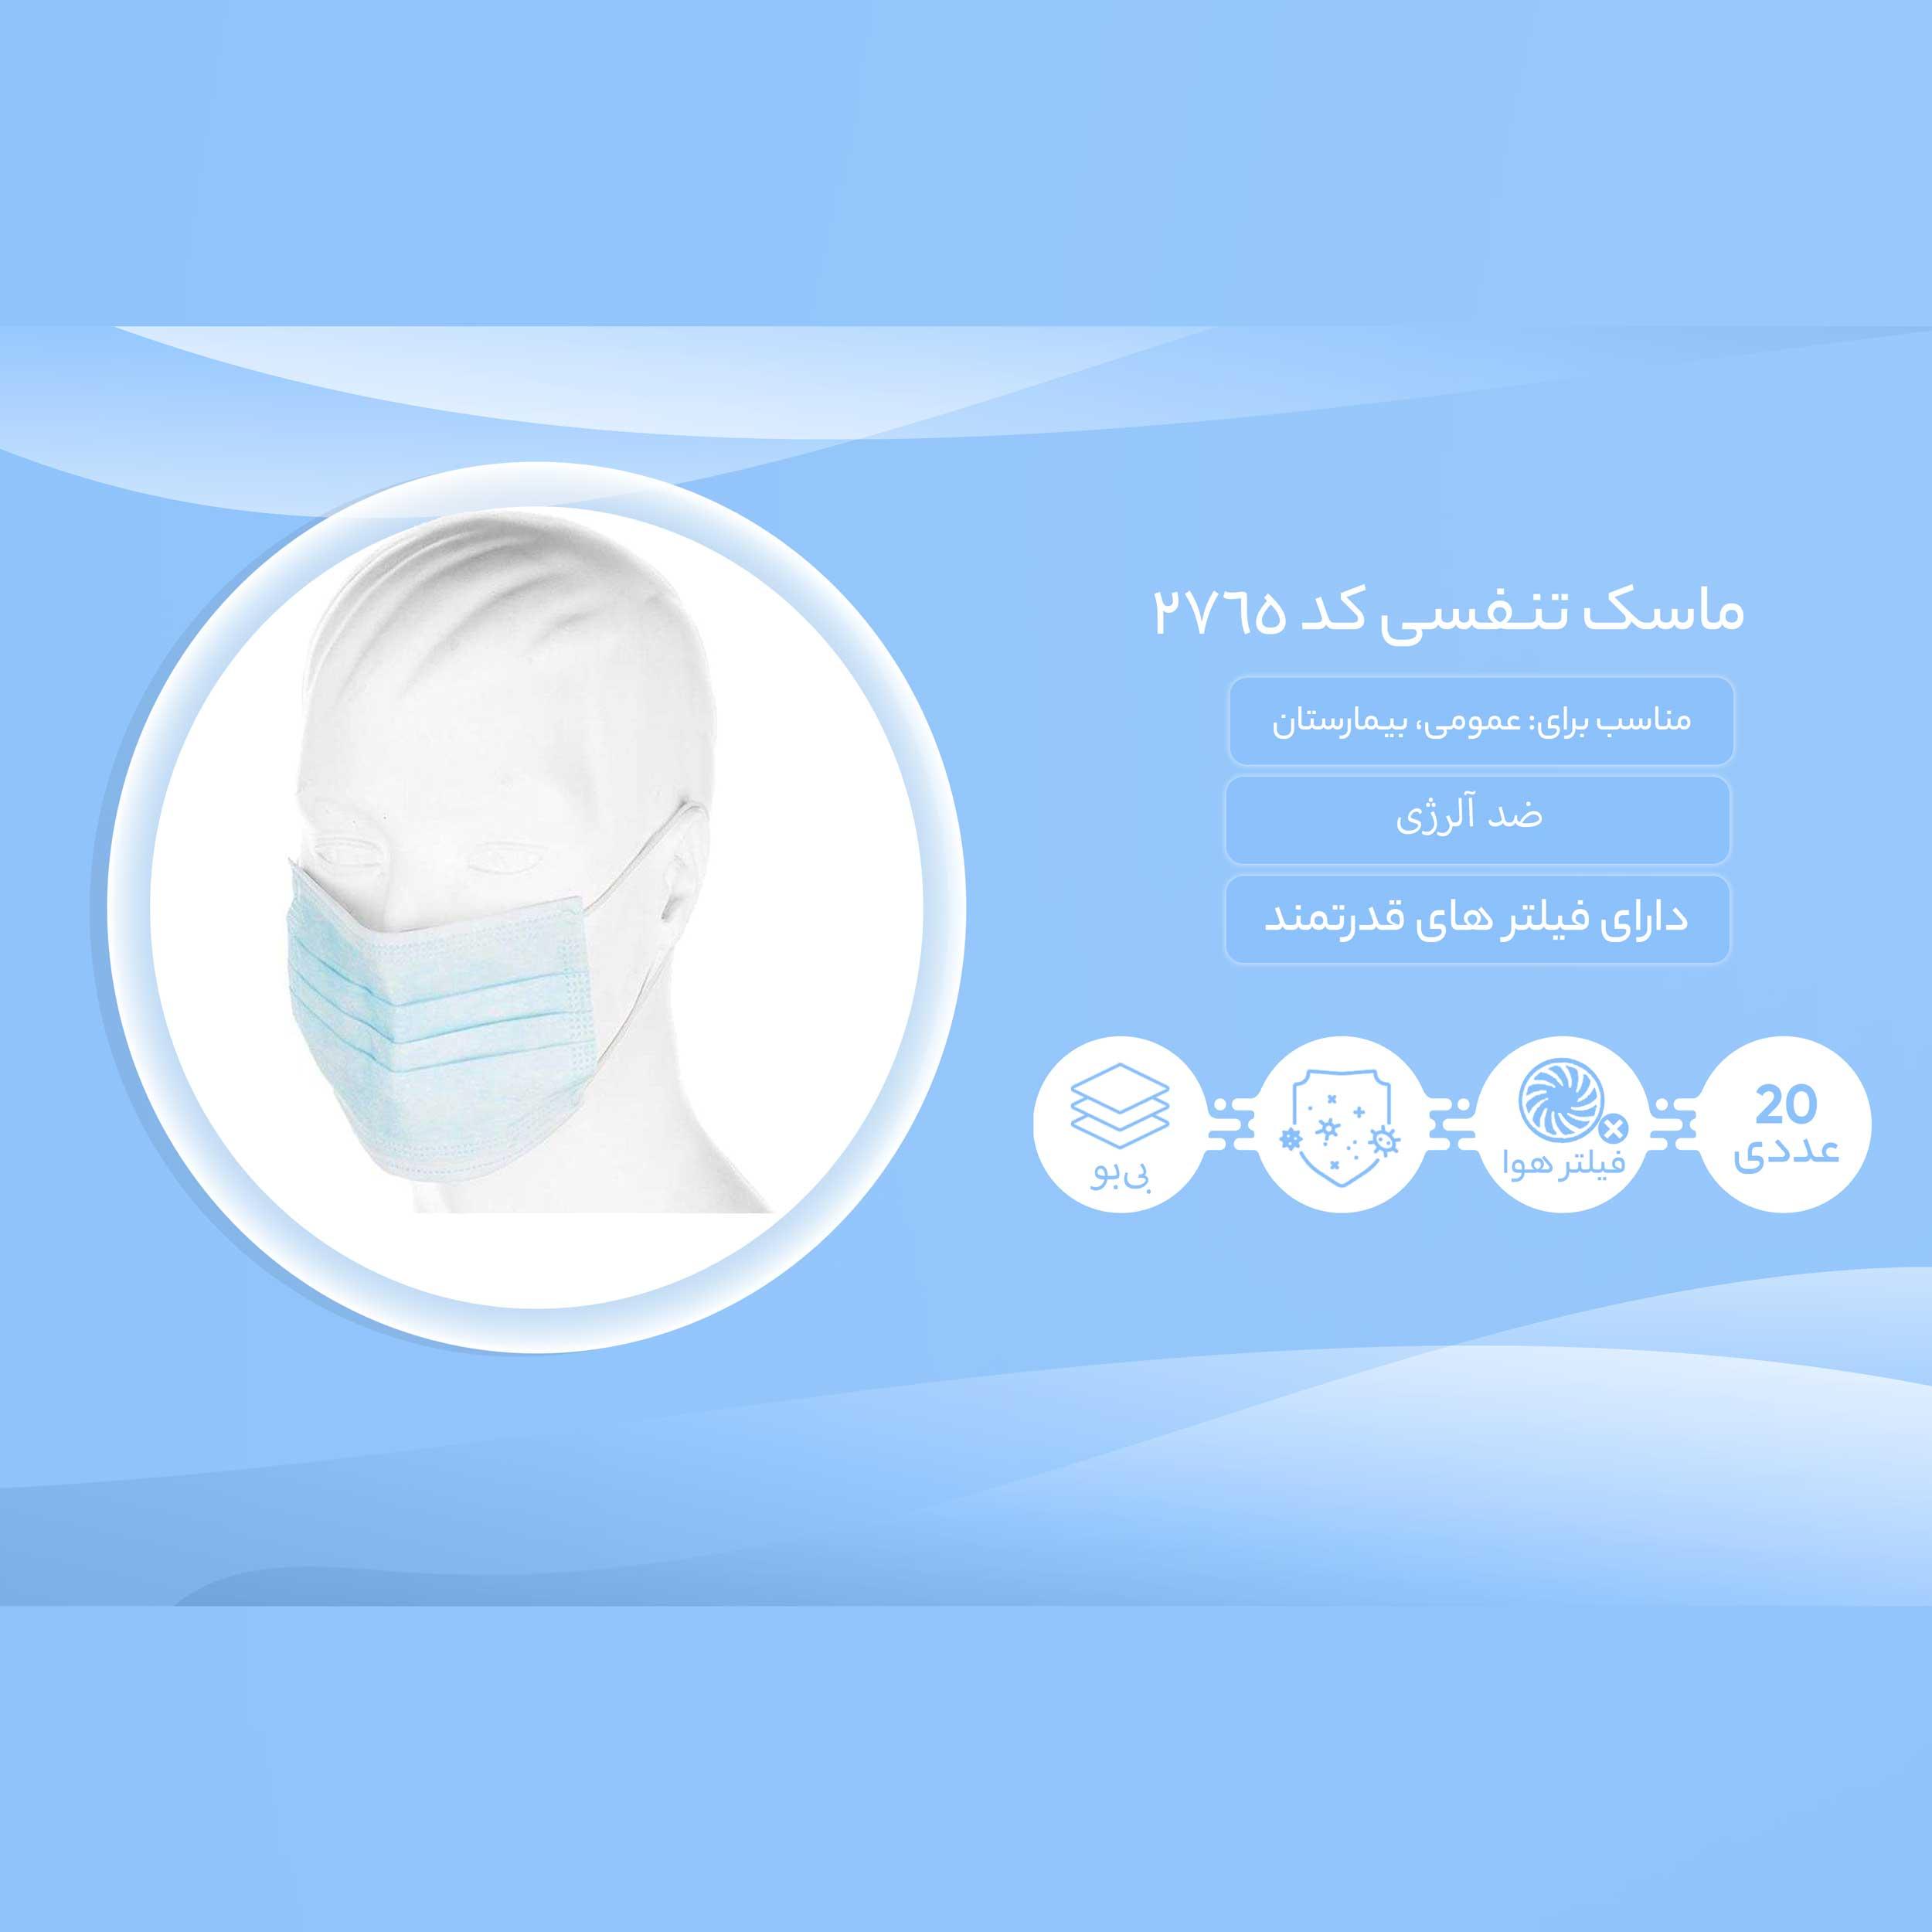 ماسک تنفسی کد 2765 بسته 20 عددی main 1 2